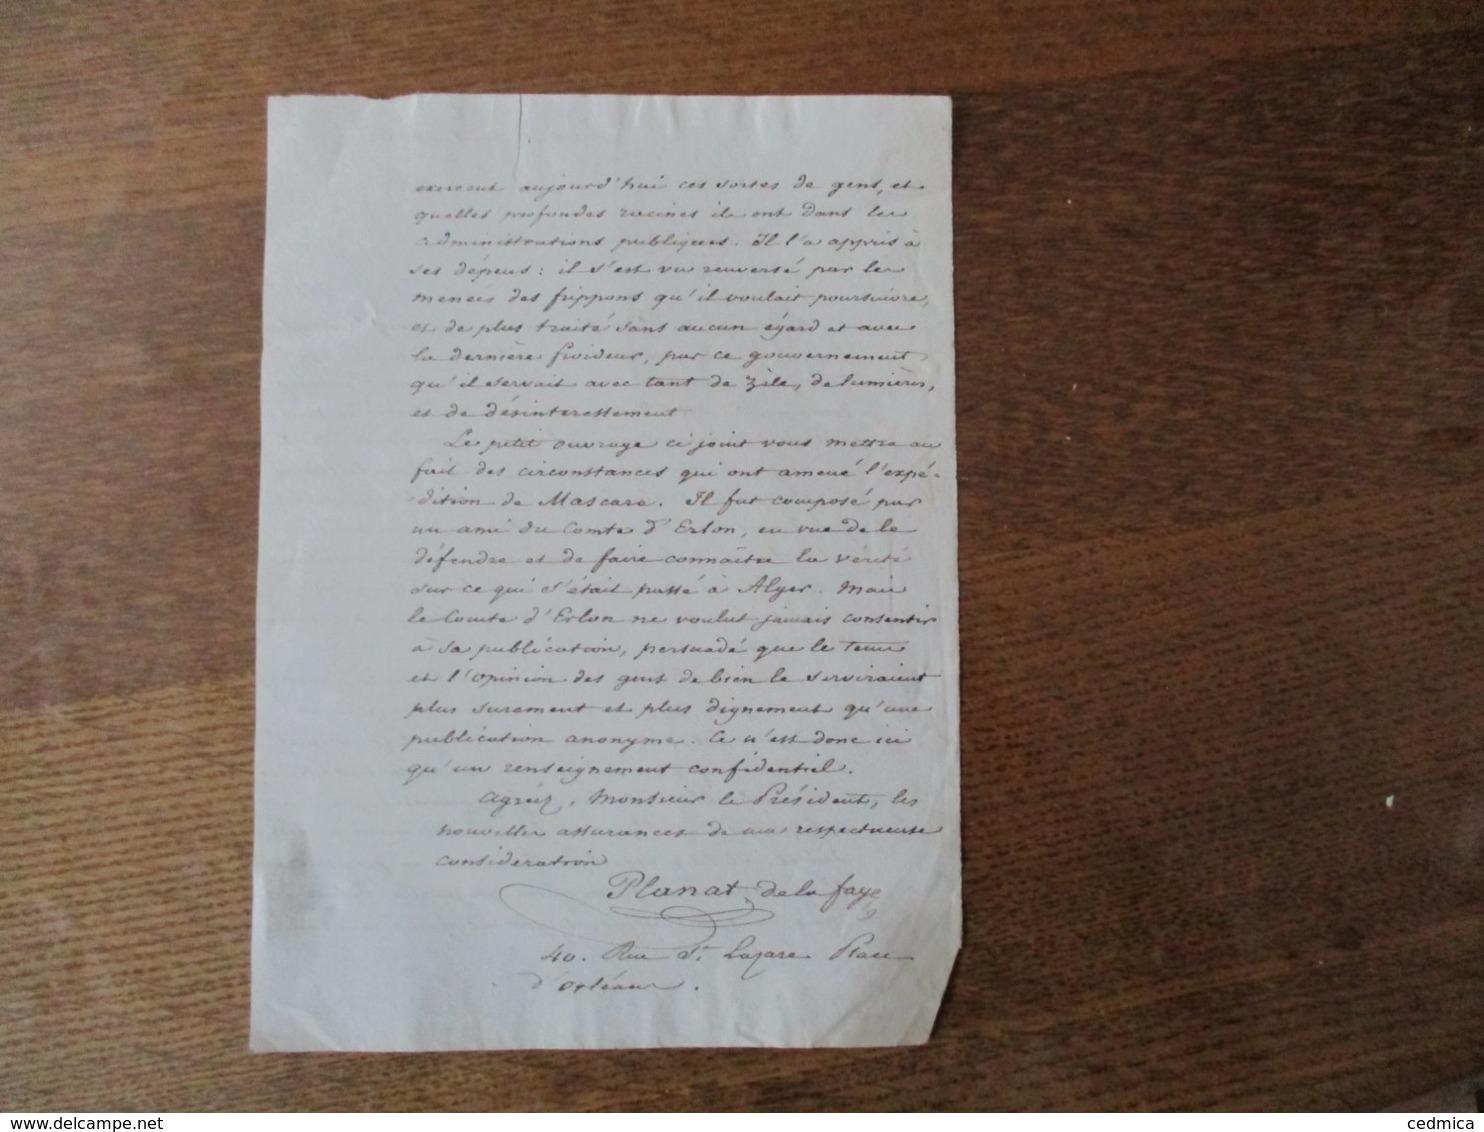 PARIS LE 10 AVRIL 1836 COURRIER DE M. PLANAT DE LA FAYE ECRIVAIN 40 RUE St LAZARE PLACE D'ORLEANS A M. LE PRESIDENT SUR - Manuscrits